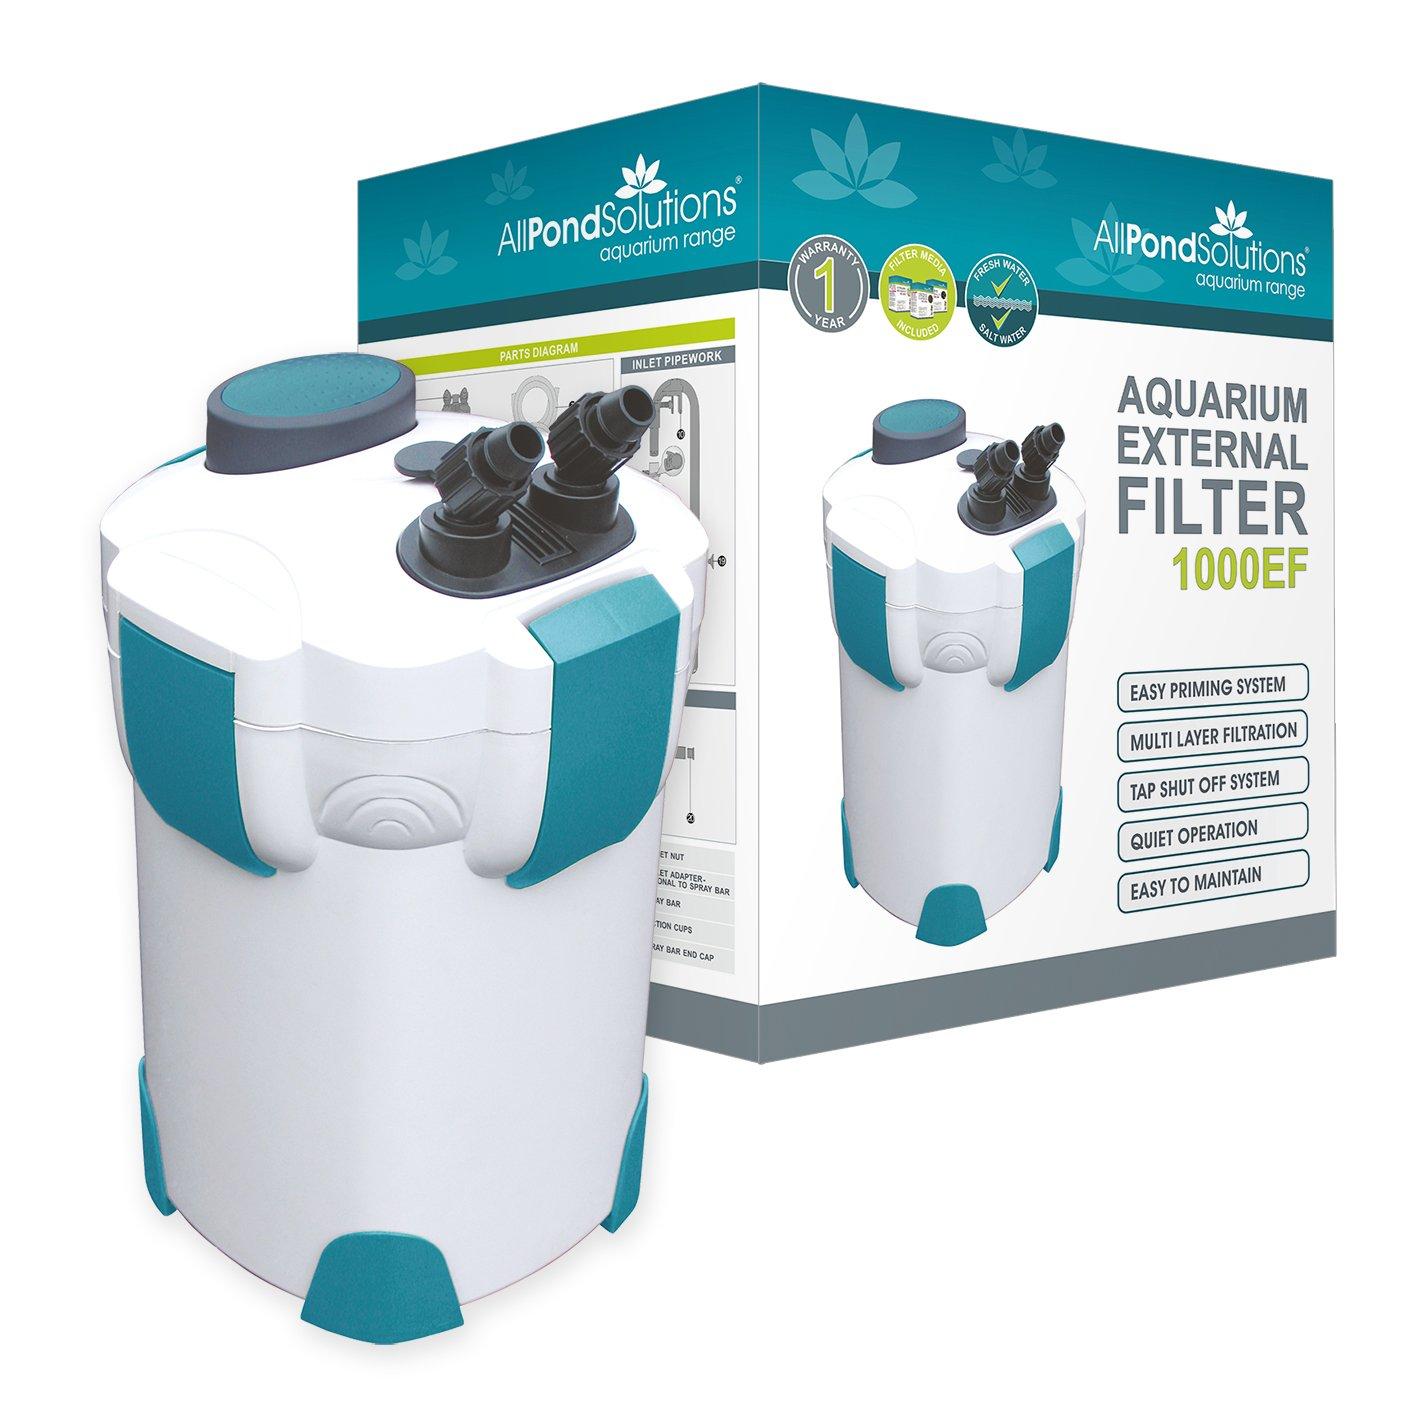 All Pond Solutions 1000EF Aquarium External Filter 1000 Litre Hour